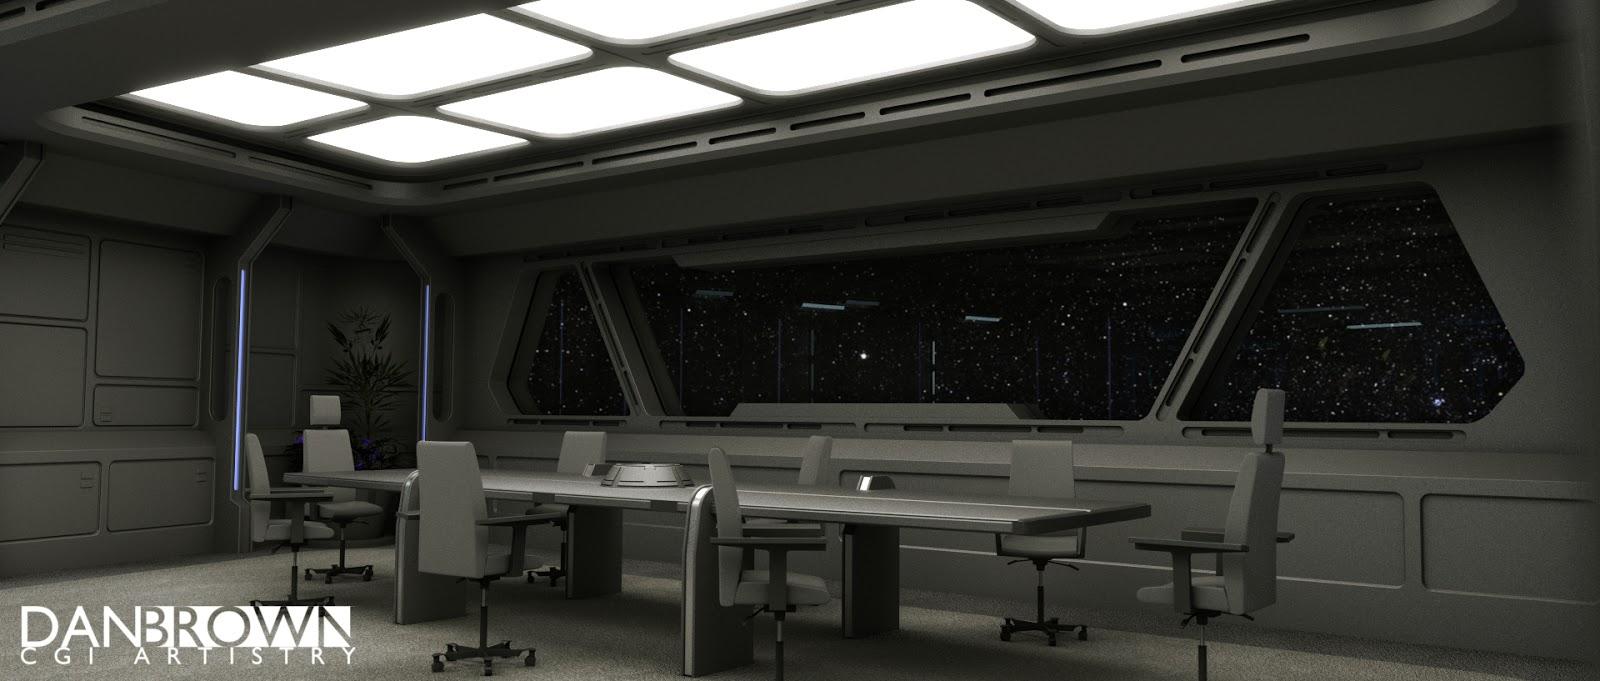 Dan Brown Cgi Sci Fi Art Adamant Interior Conference Room Wip